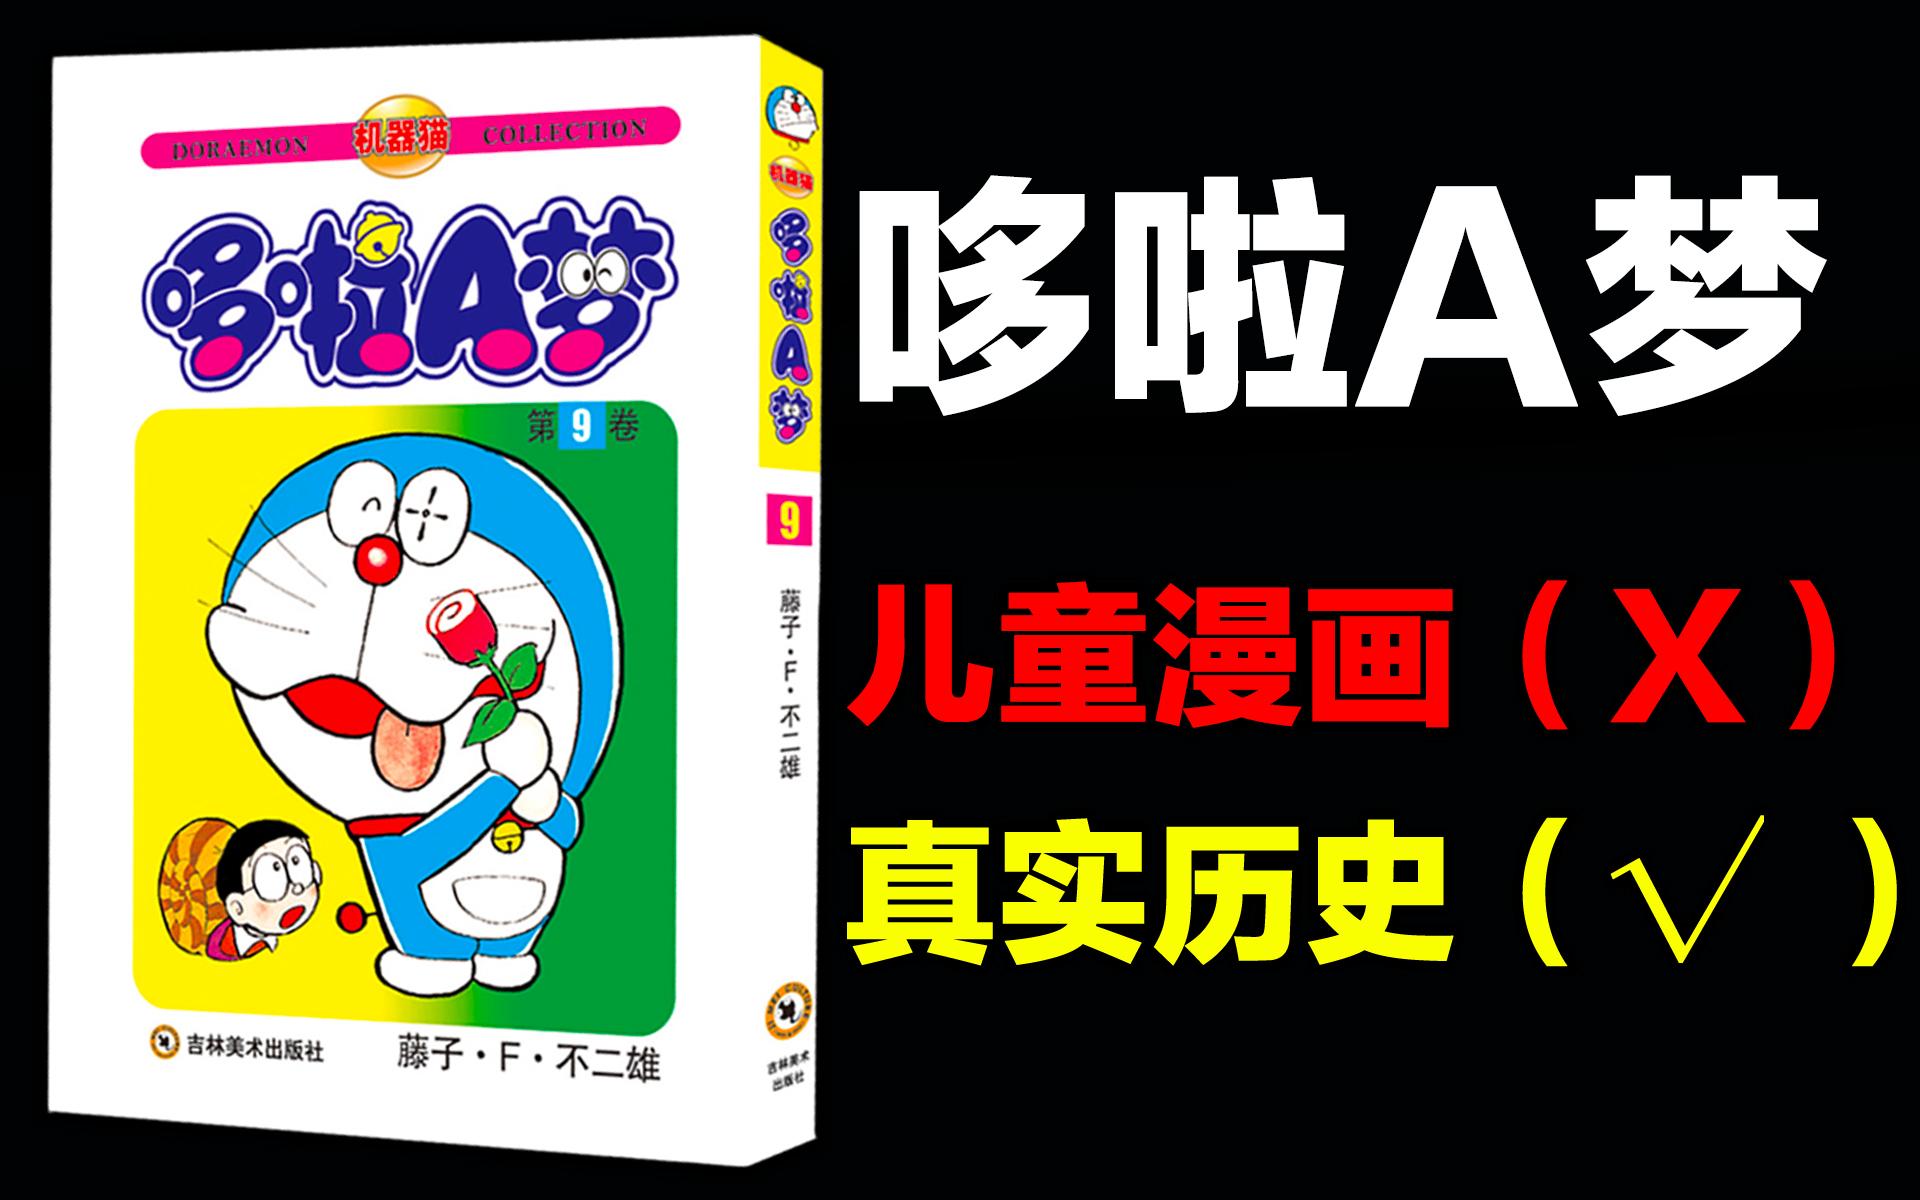 哆啦A梦:优秀的日本近现代史教材!